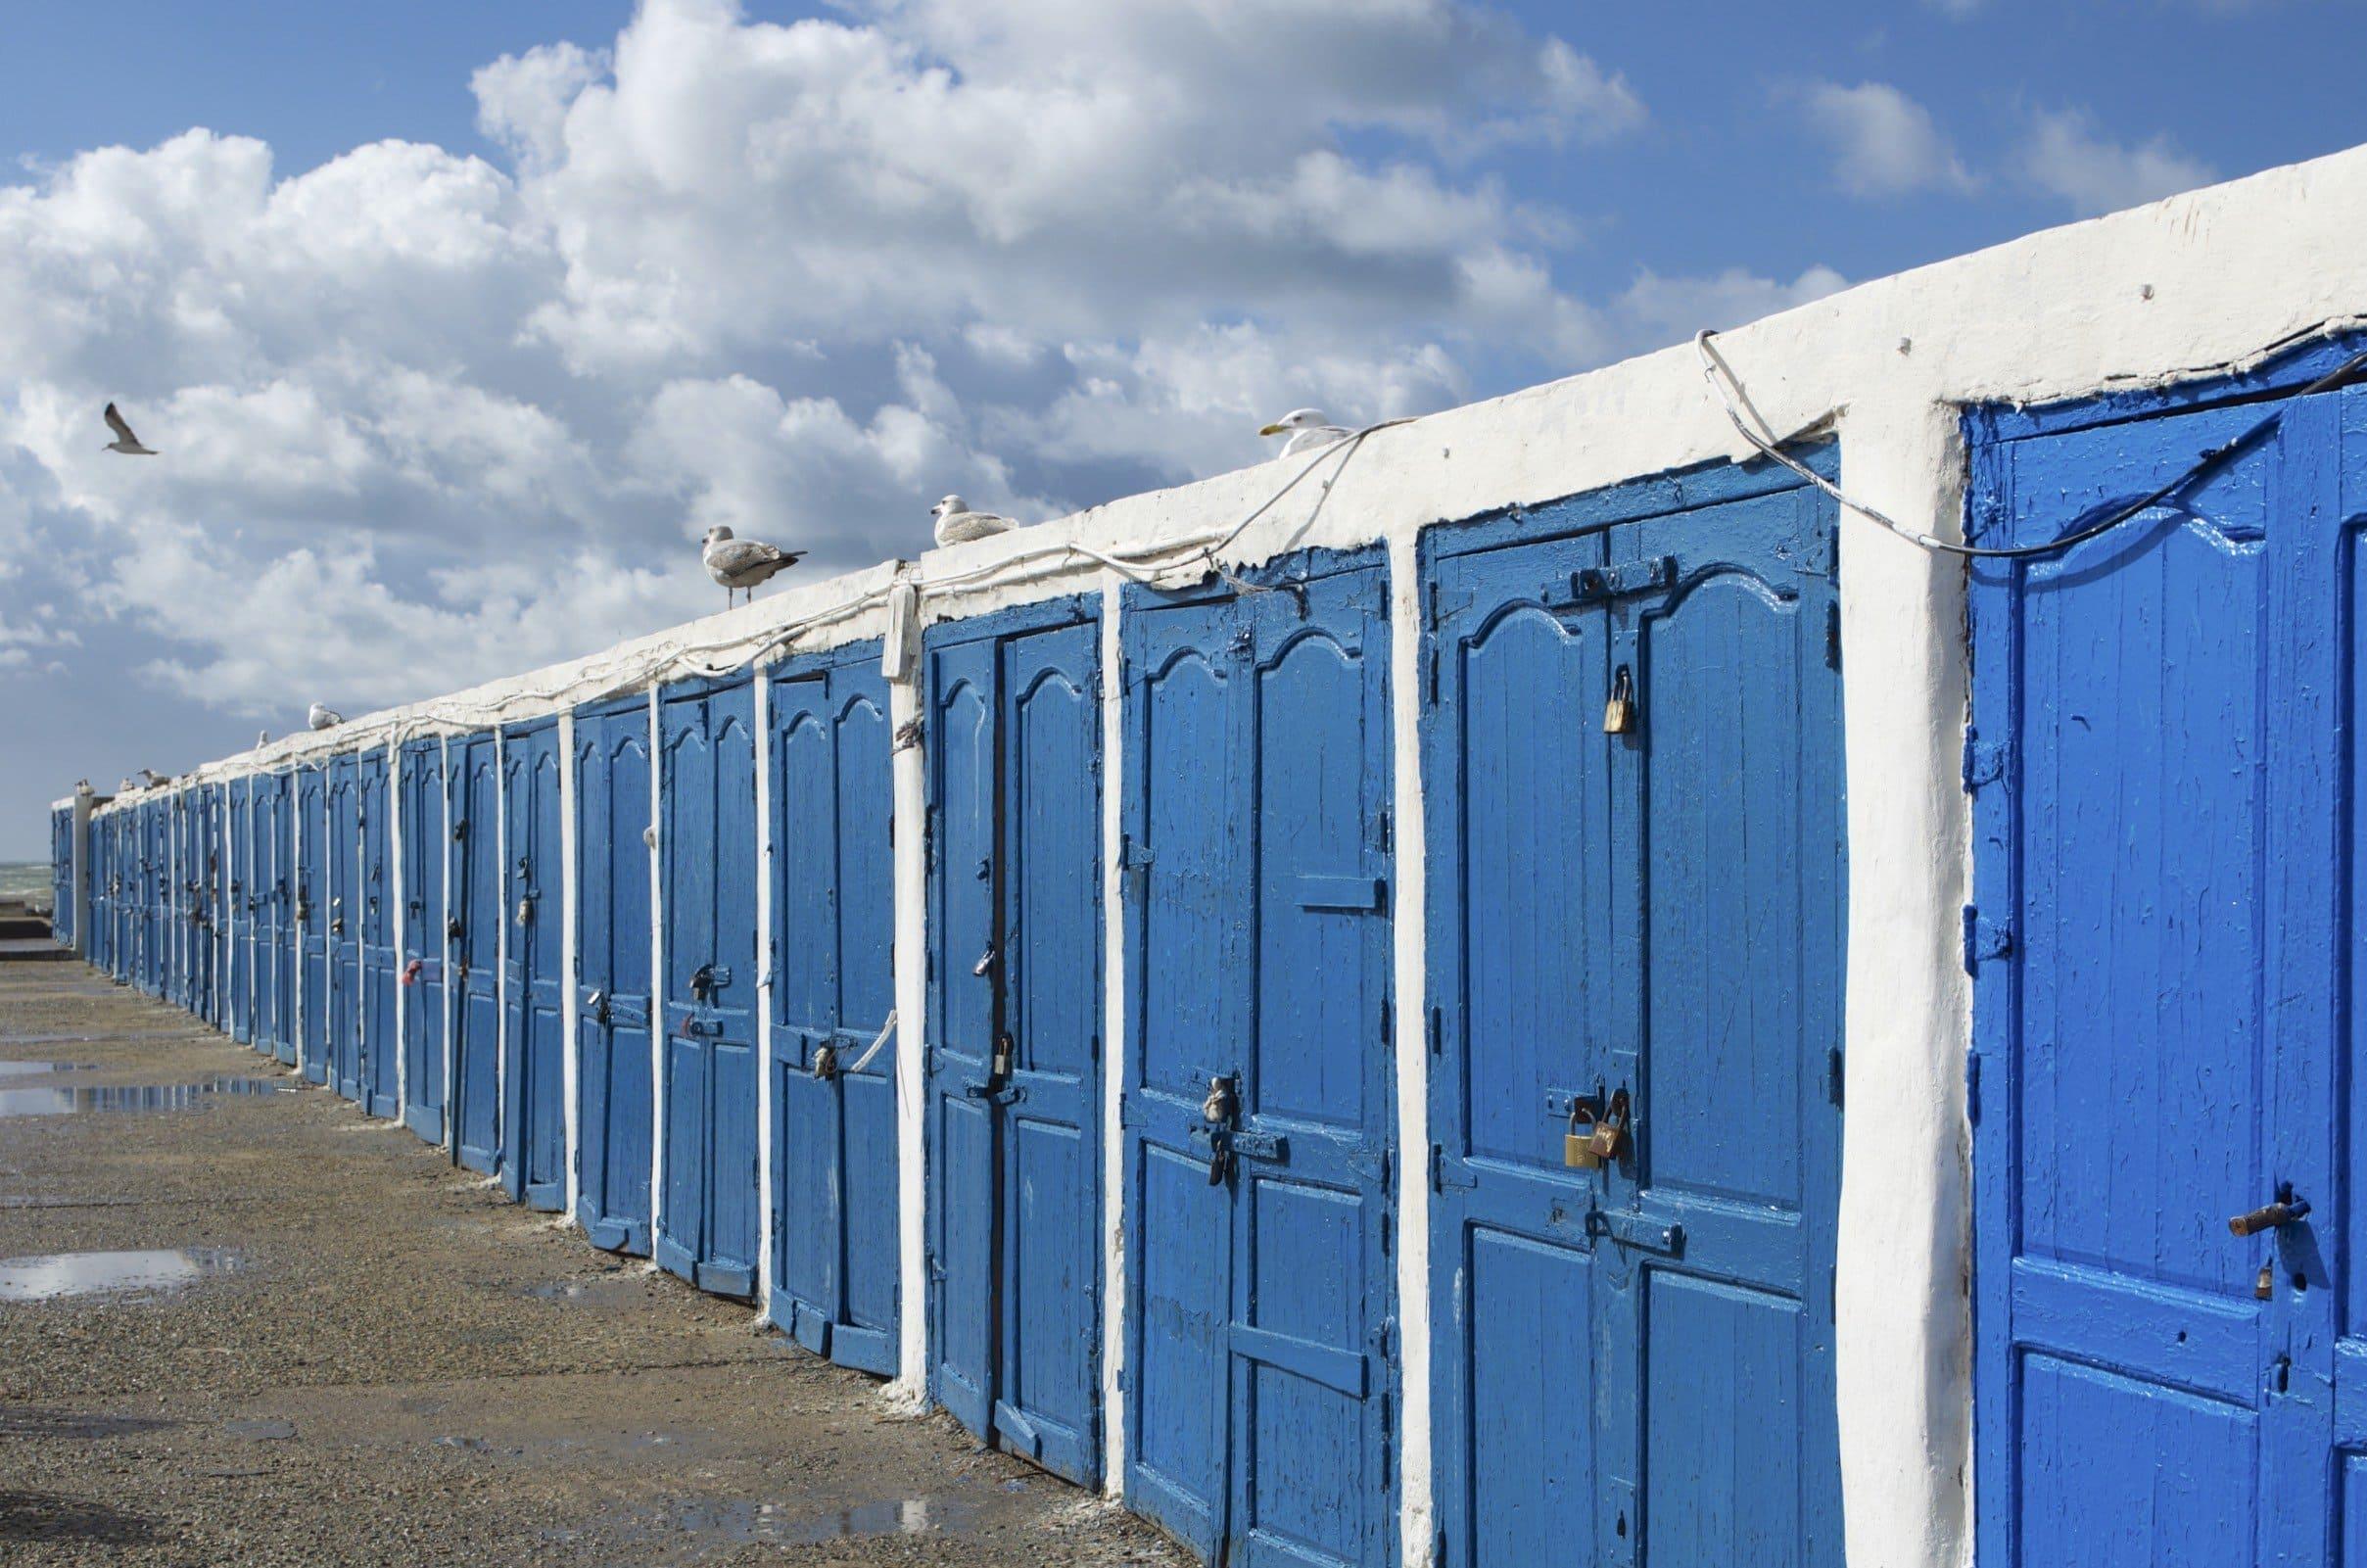 Blaue Türen im Hafen von Essaouira